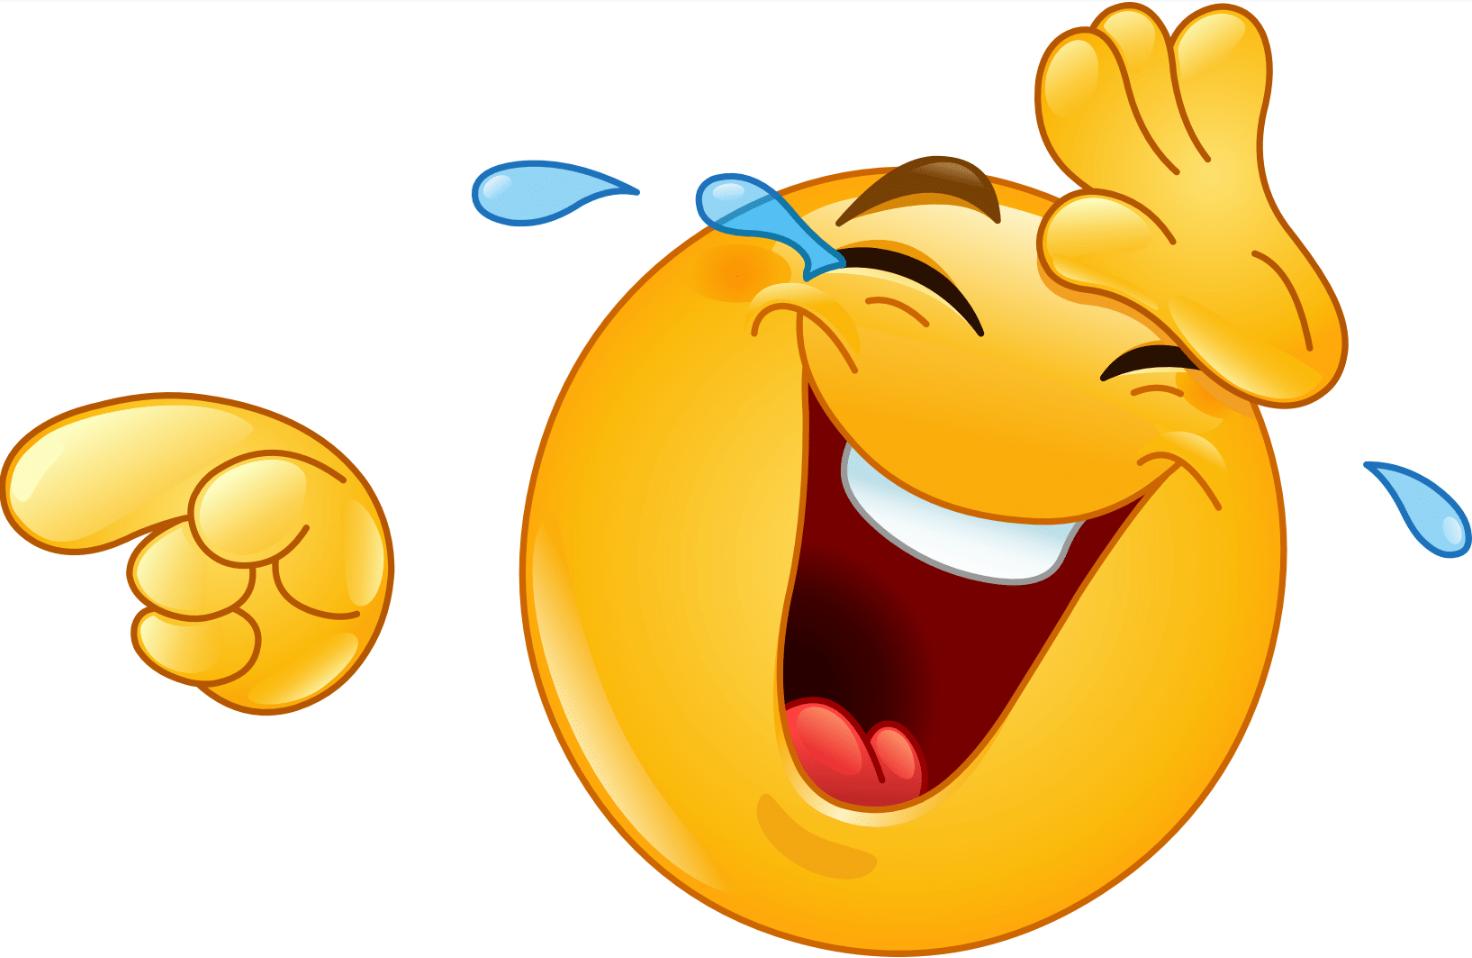 Шегите са присъщи от дълги години за 1 април - емотиконка на смеещо се човече